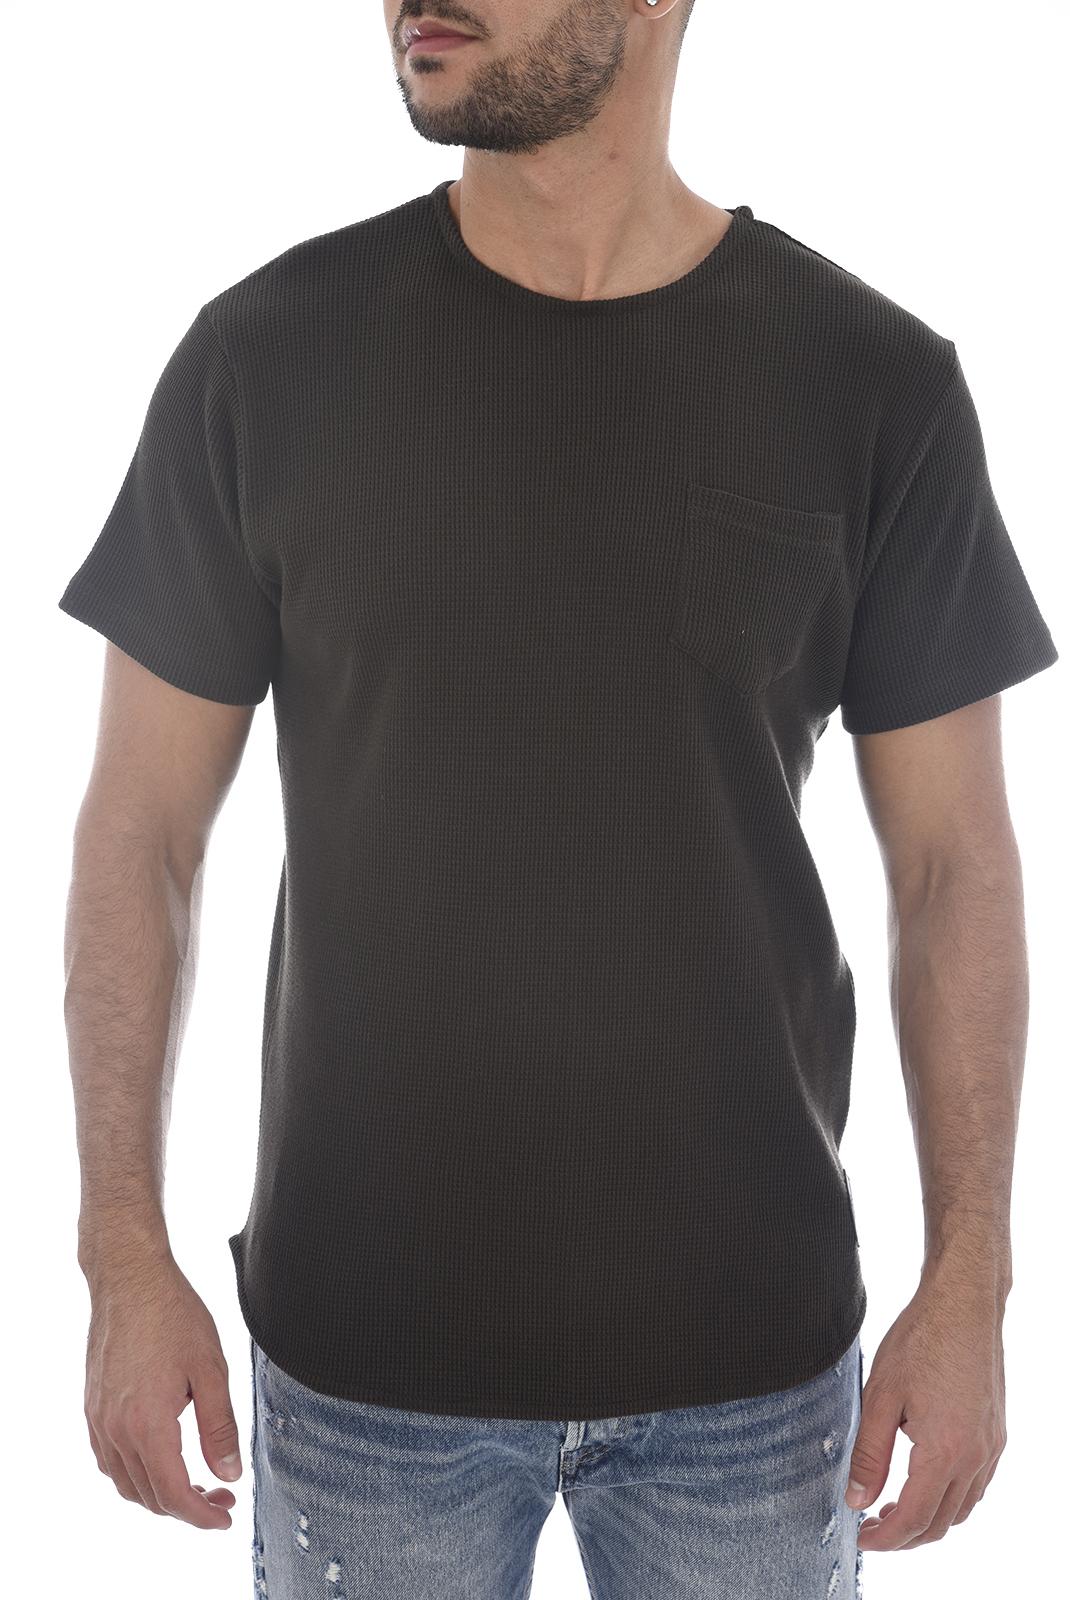 Tee-shirts  Hite couture MUSSER KAKI